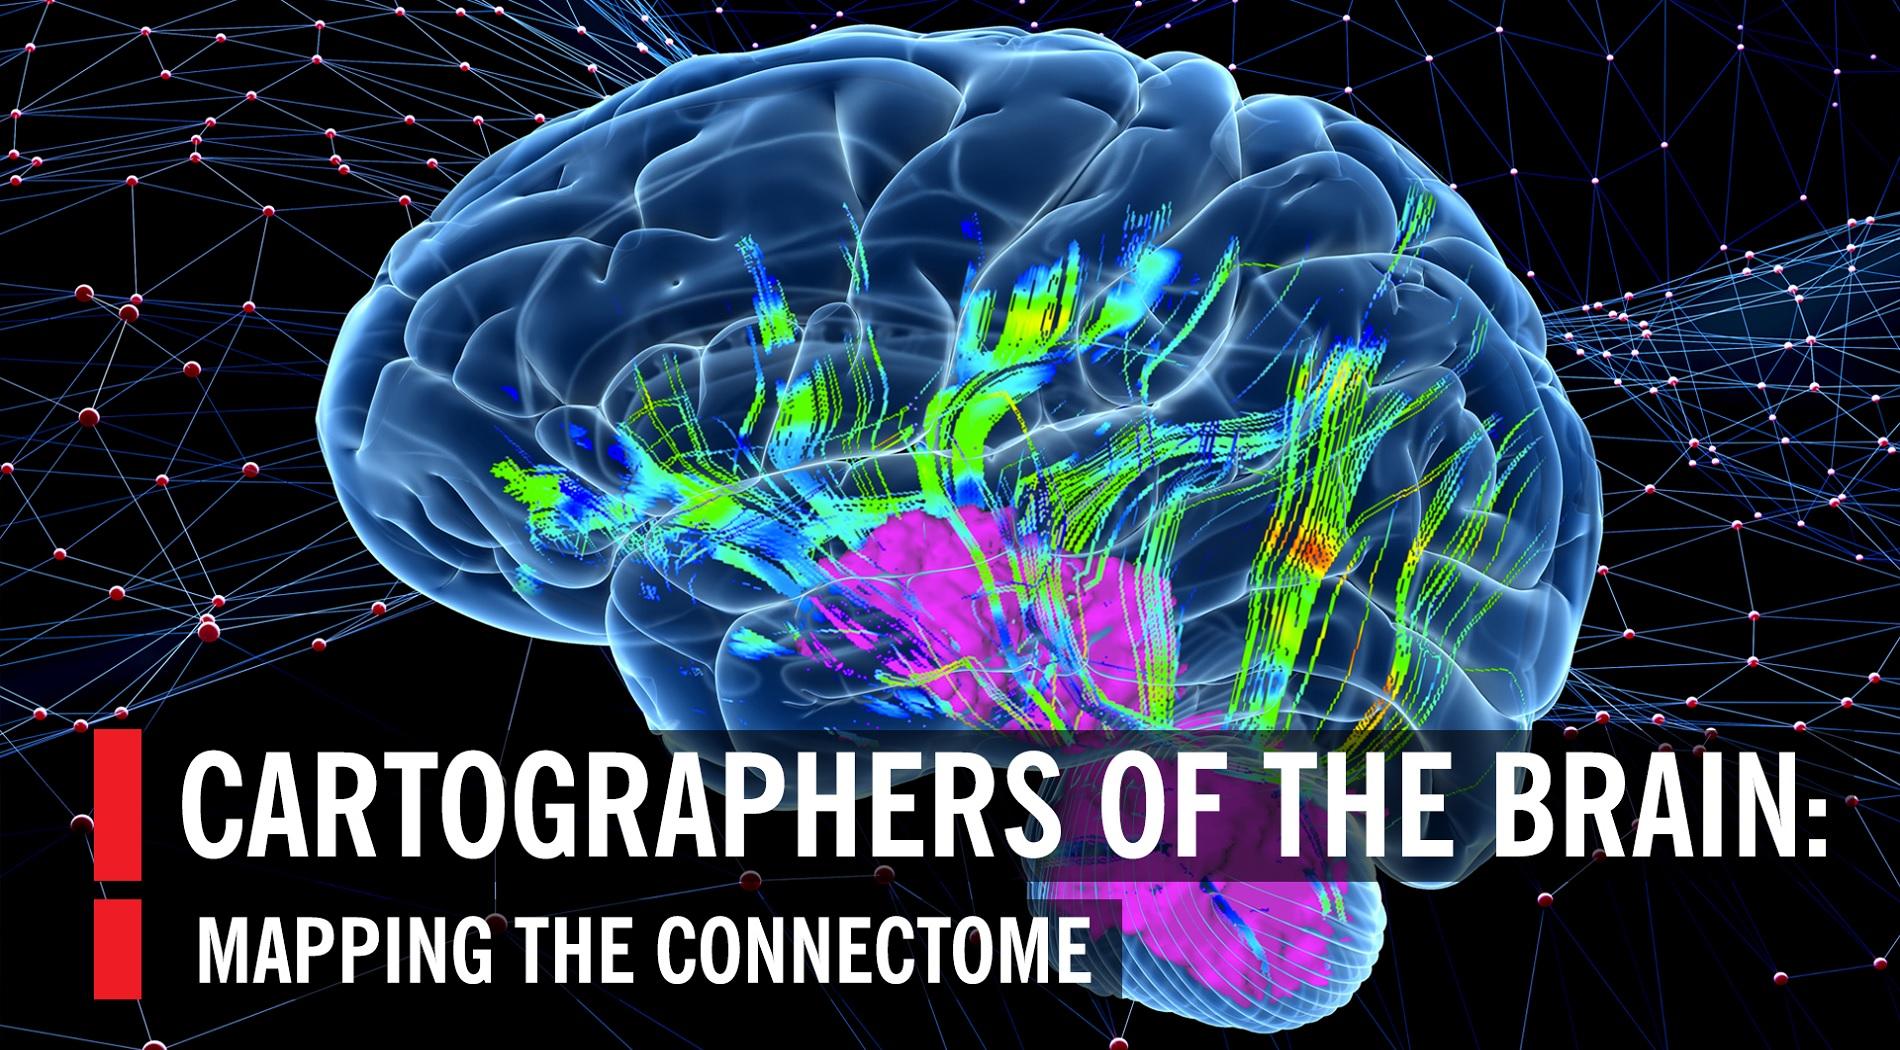 Ρυθμιστικός παράγοντας η αναπνοή για το οξυγόνο στον εγκέφαλο